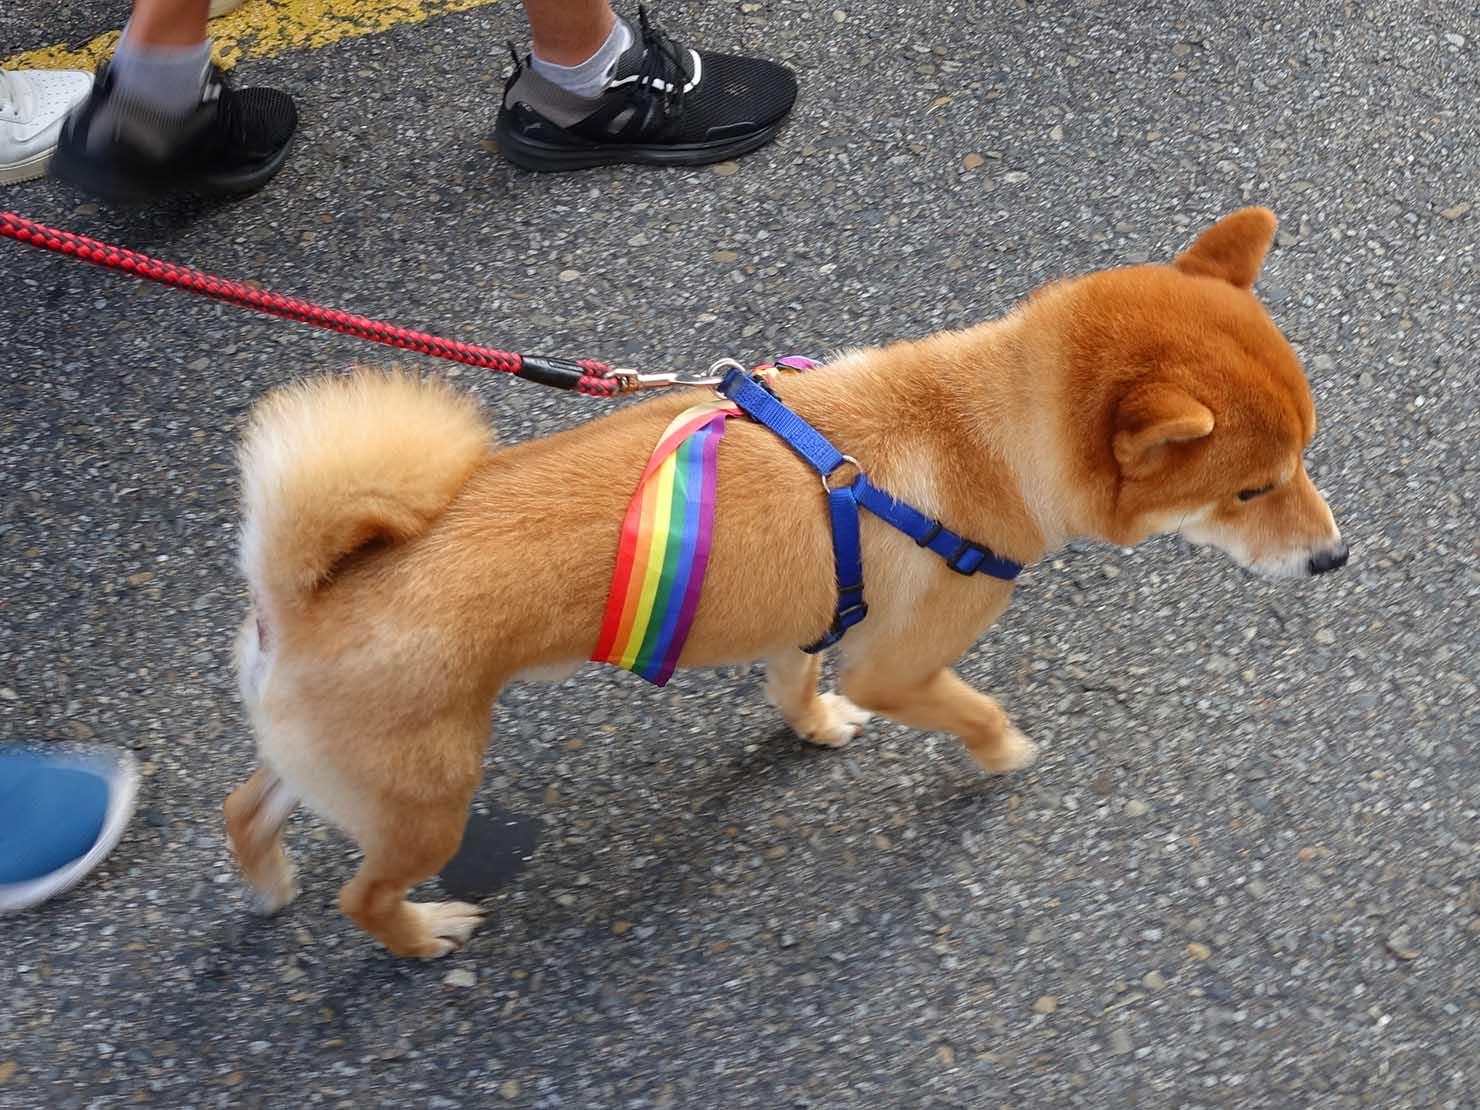 台灣同志遊行(台湾LGBTプライド)2018パレードを歩く柴犬